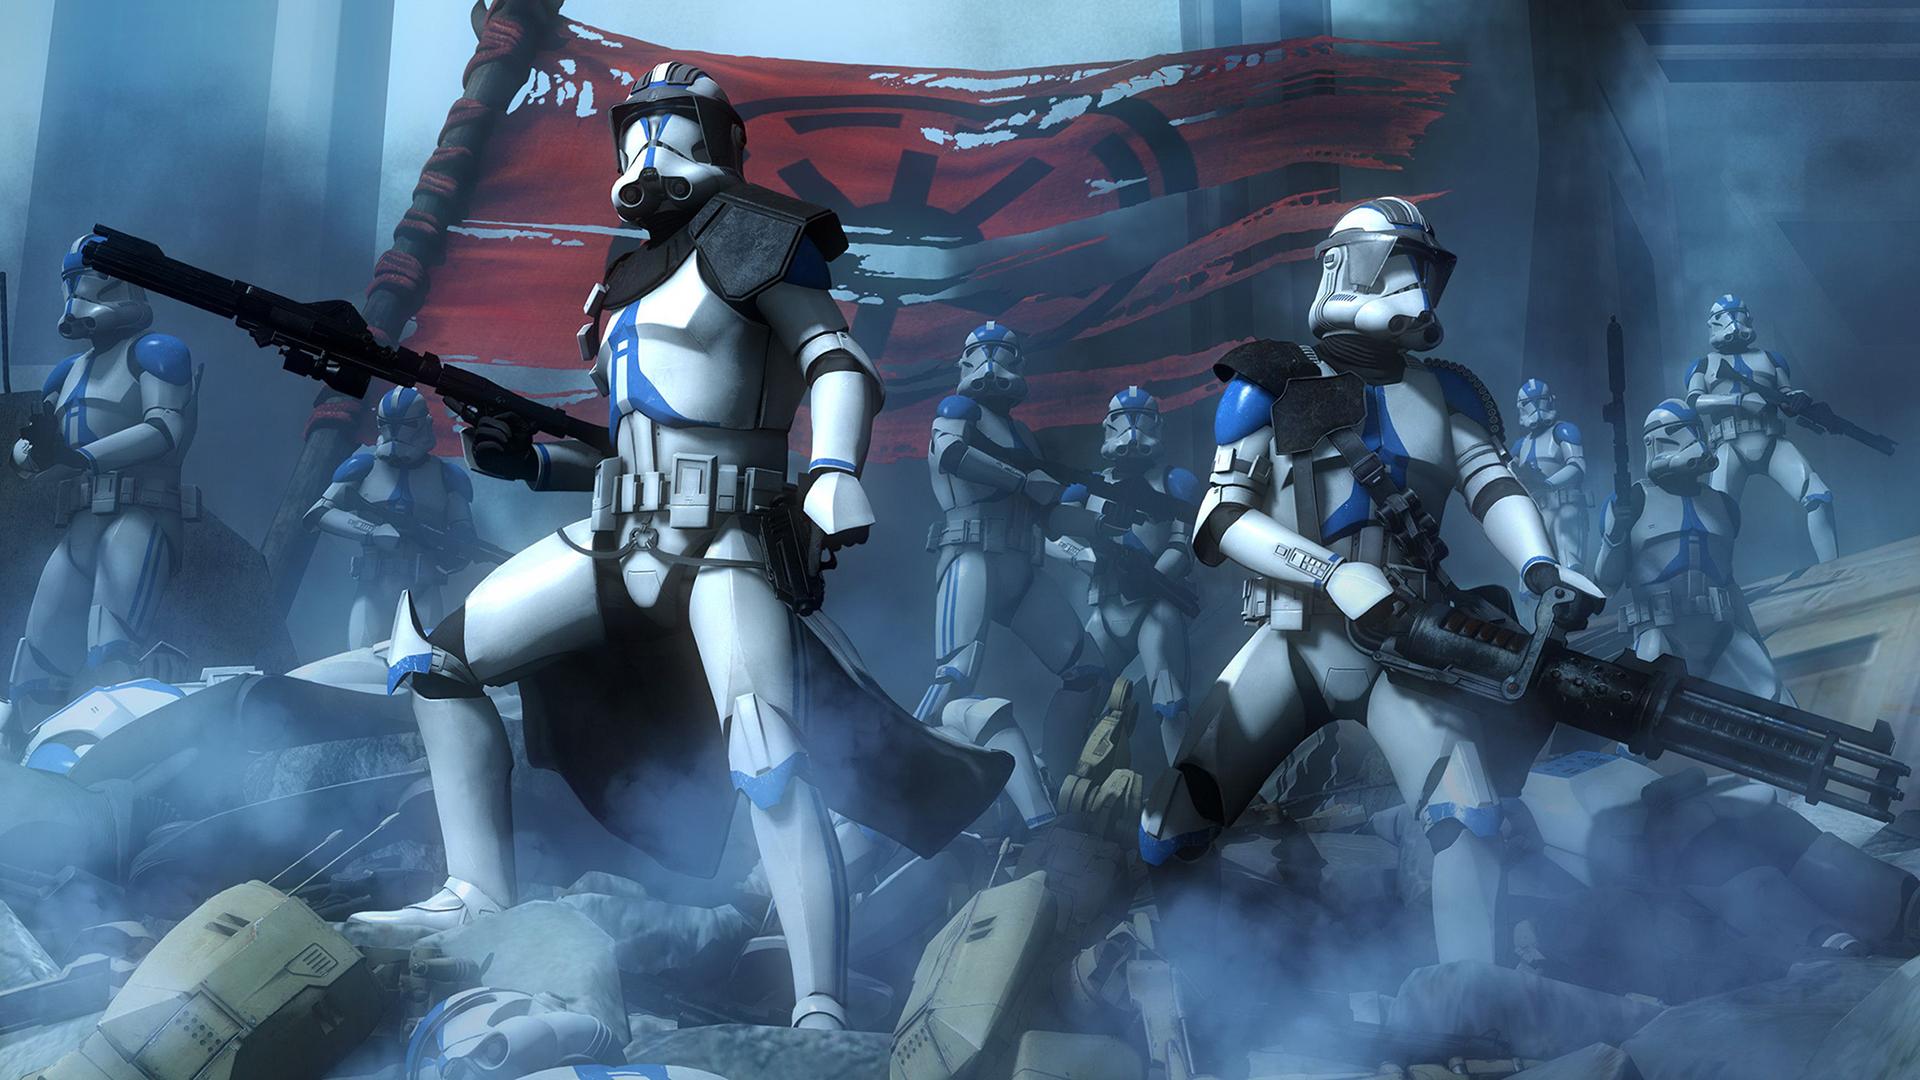 Star Wars Clone Trooper Battle Rifles Flag Mist 1920x1080